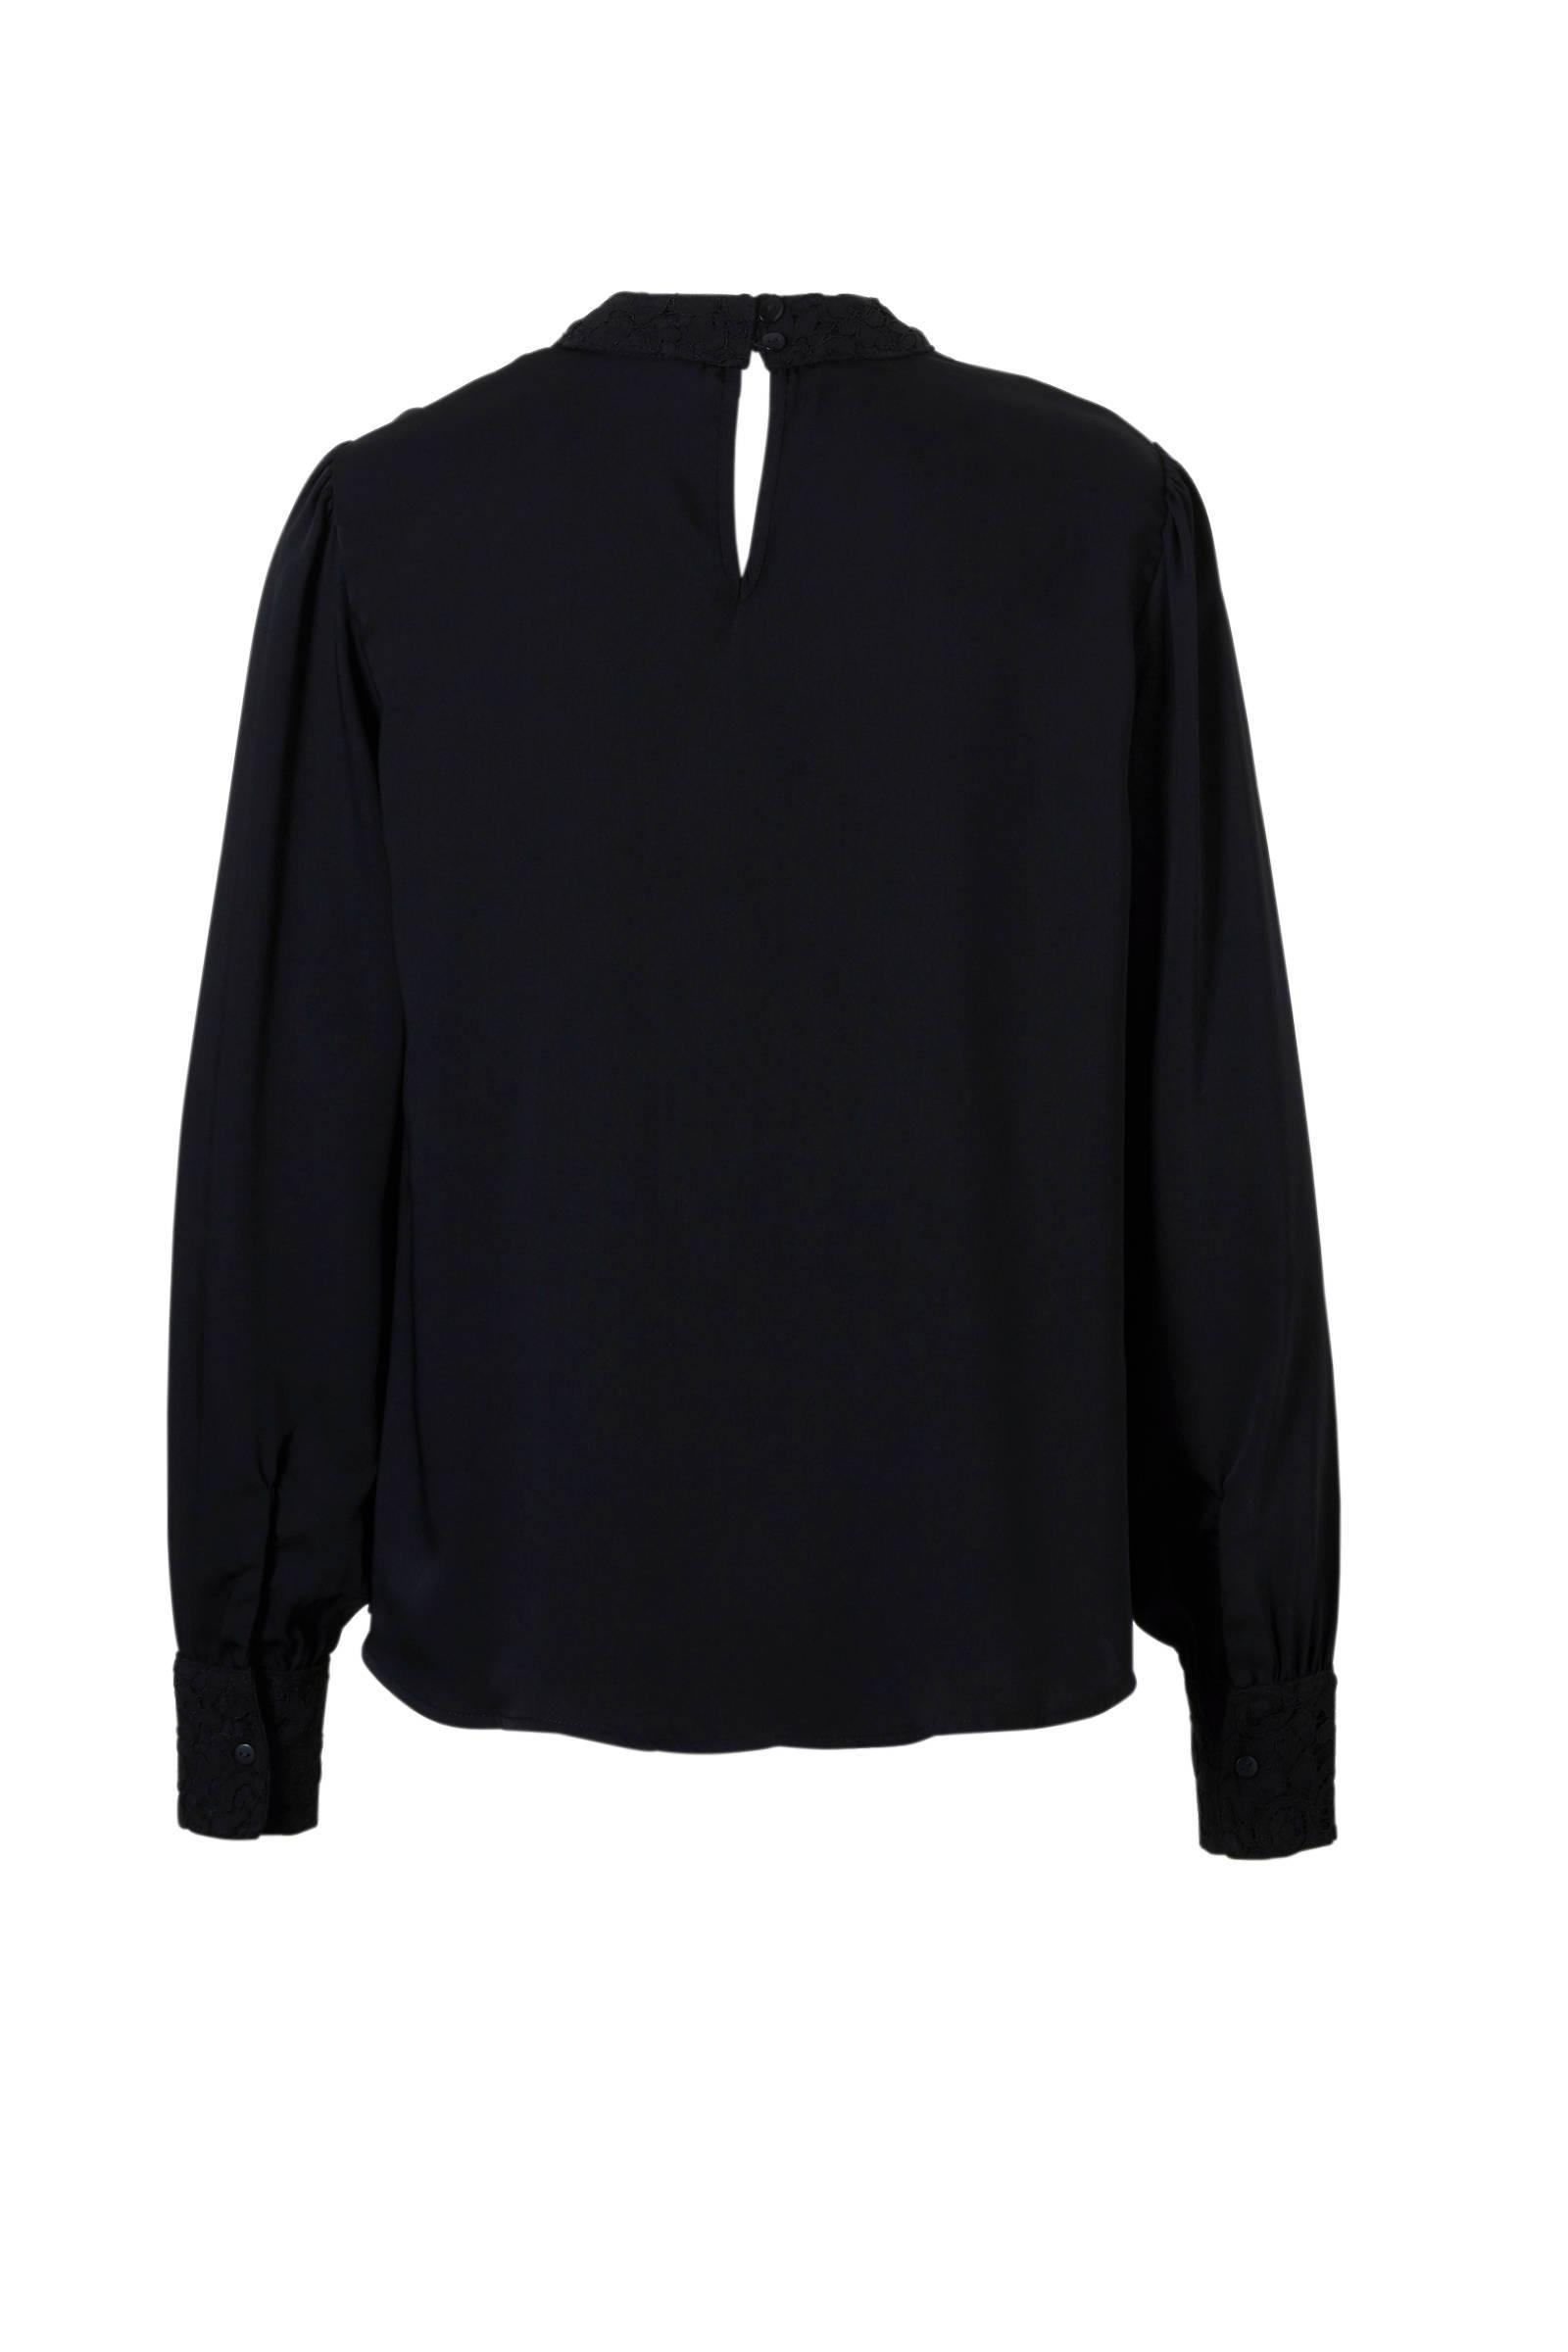 JACQUELINE details kanten met blouse YONG DE 0wXPr0